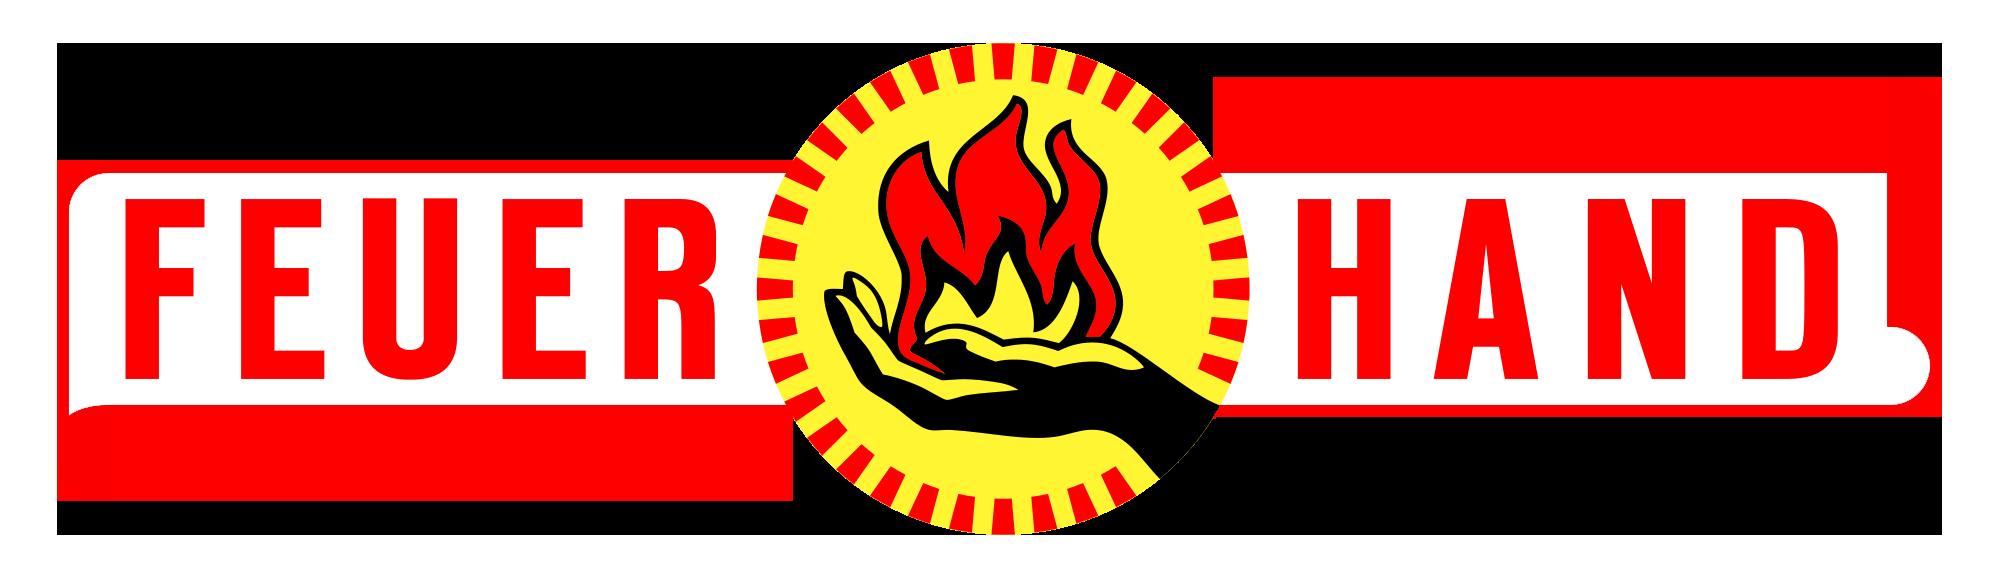 Feuerhand_Logo_RGB-Roter-RandivjVbHHl1WQCO